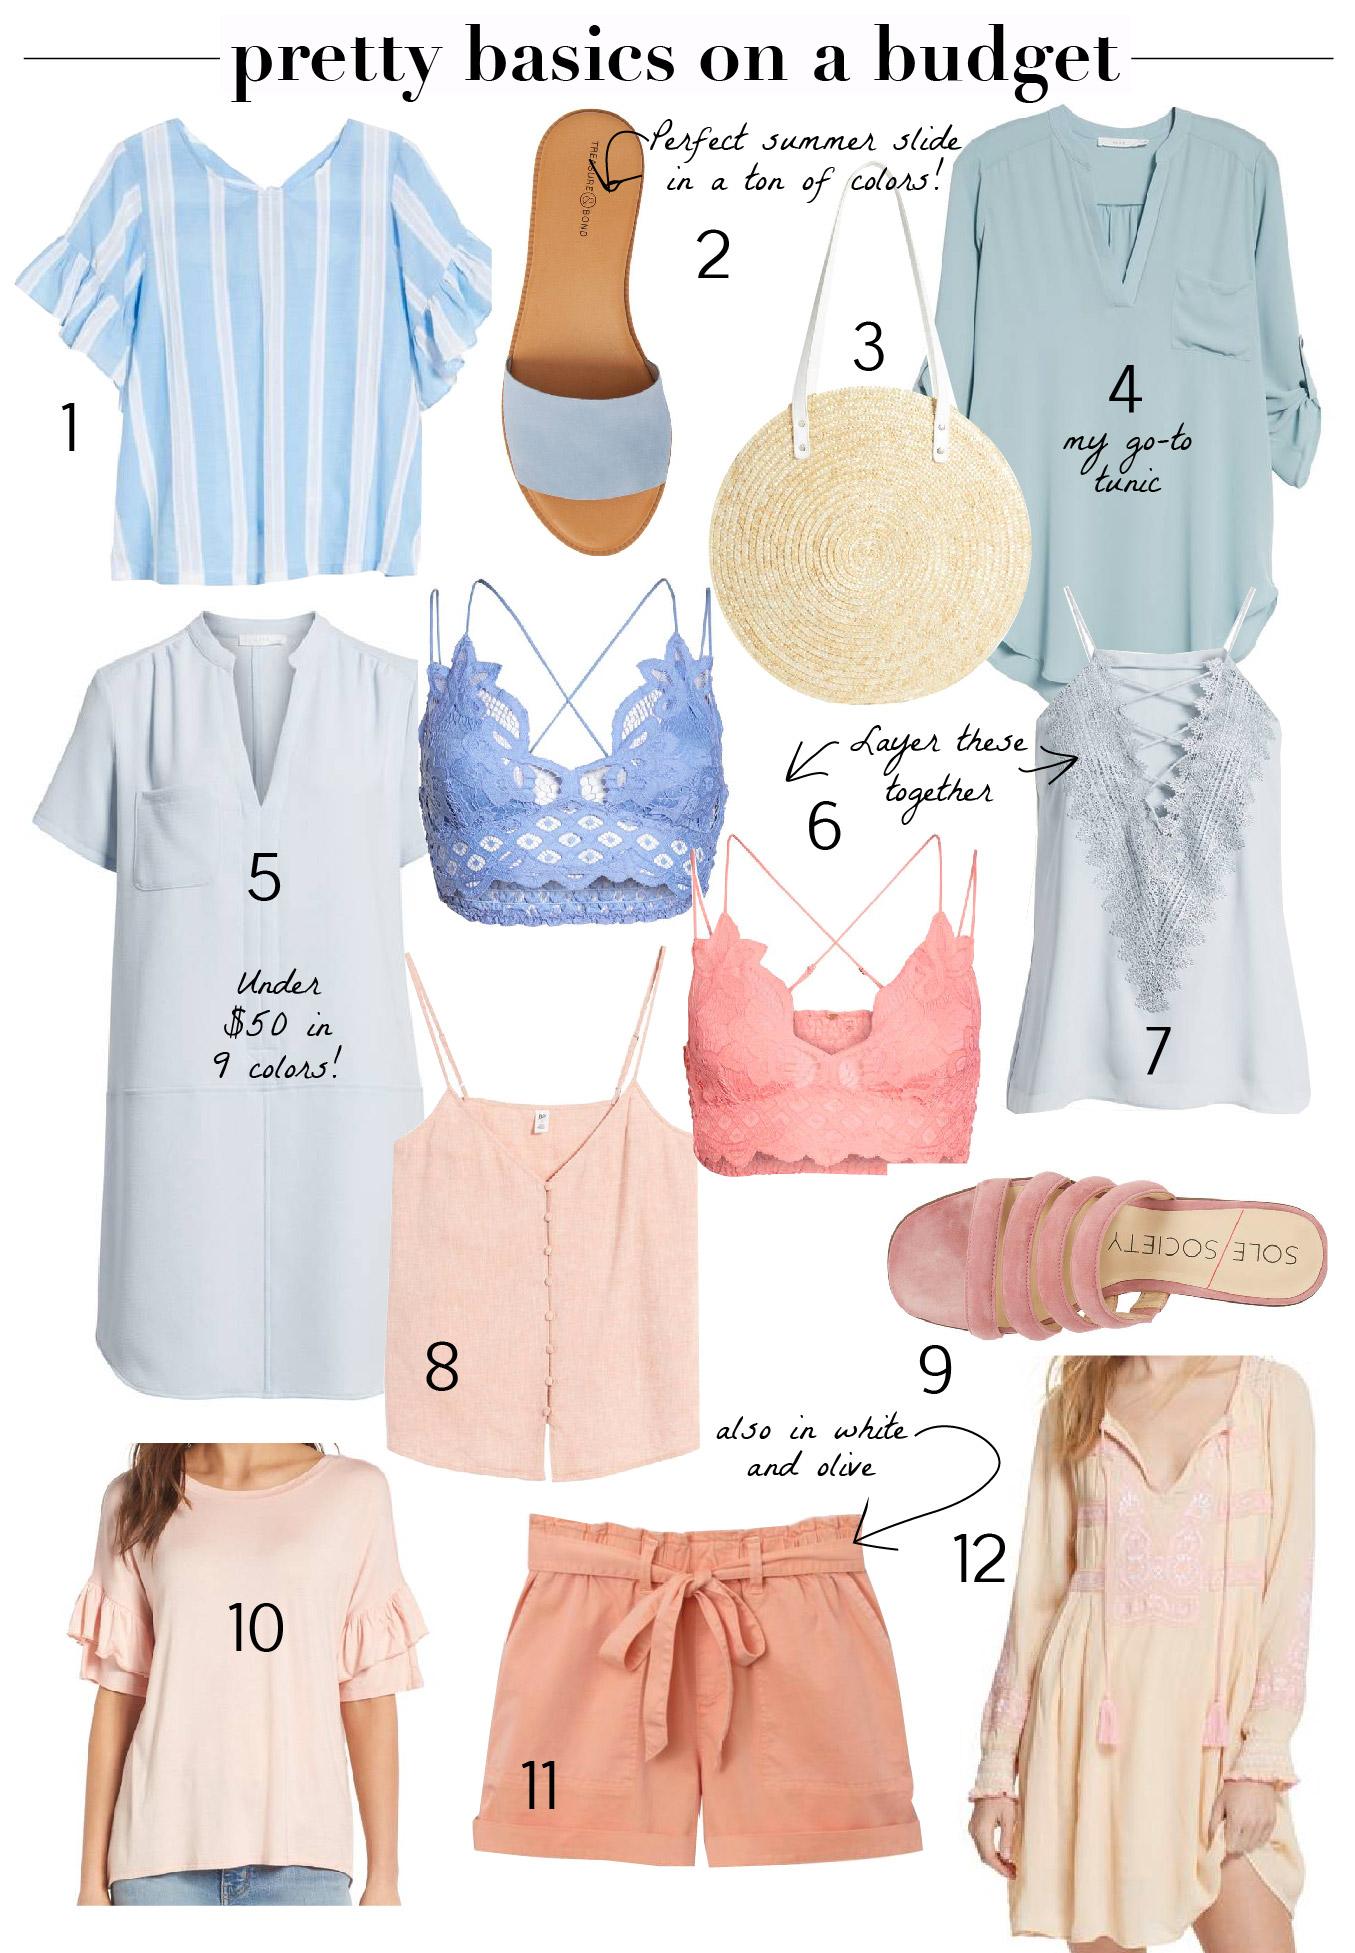 Shopping - Nordstrom Half Yearly 2018 Mom Style Summer Wardrobe Pretty Basics